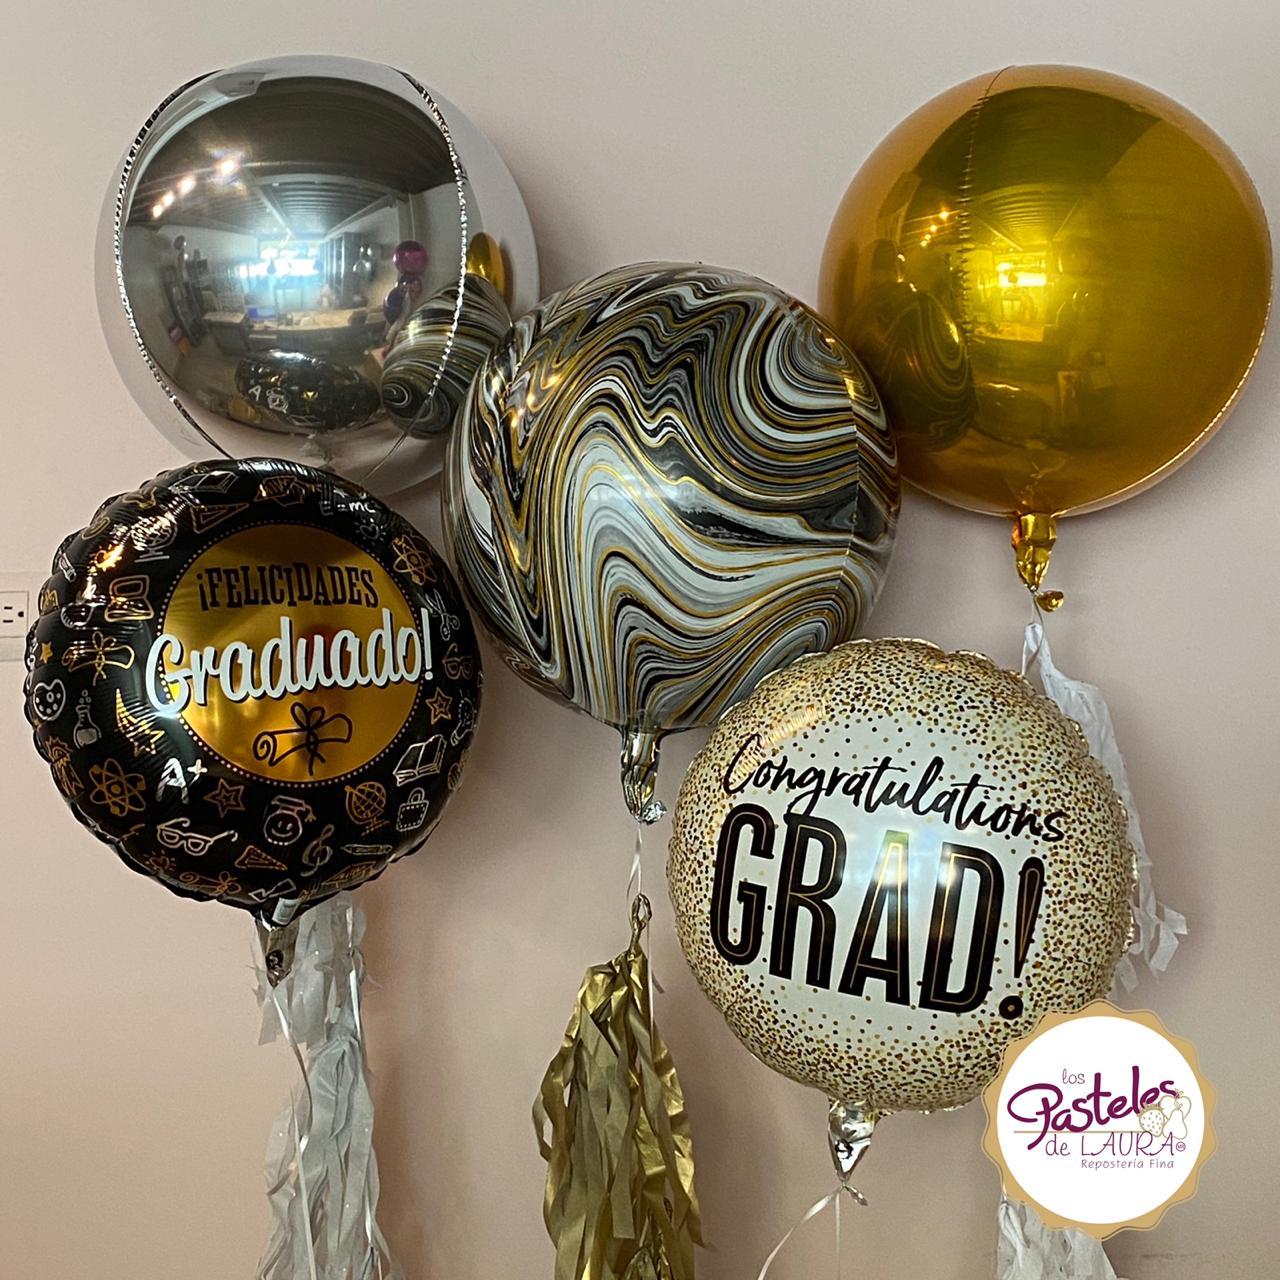 Globos Congratulations Grad!